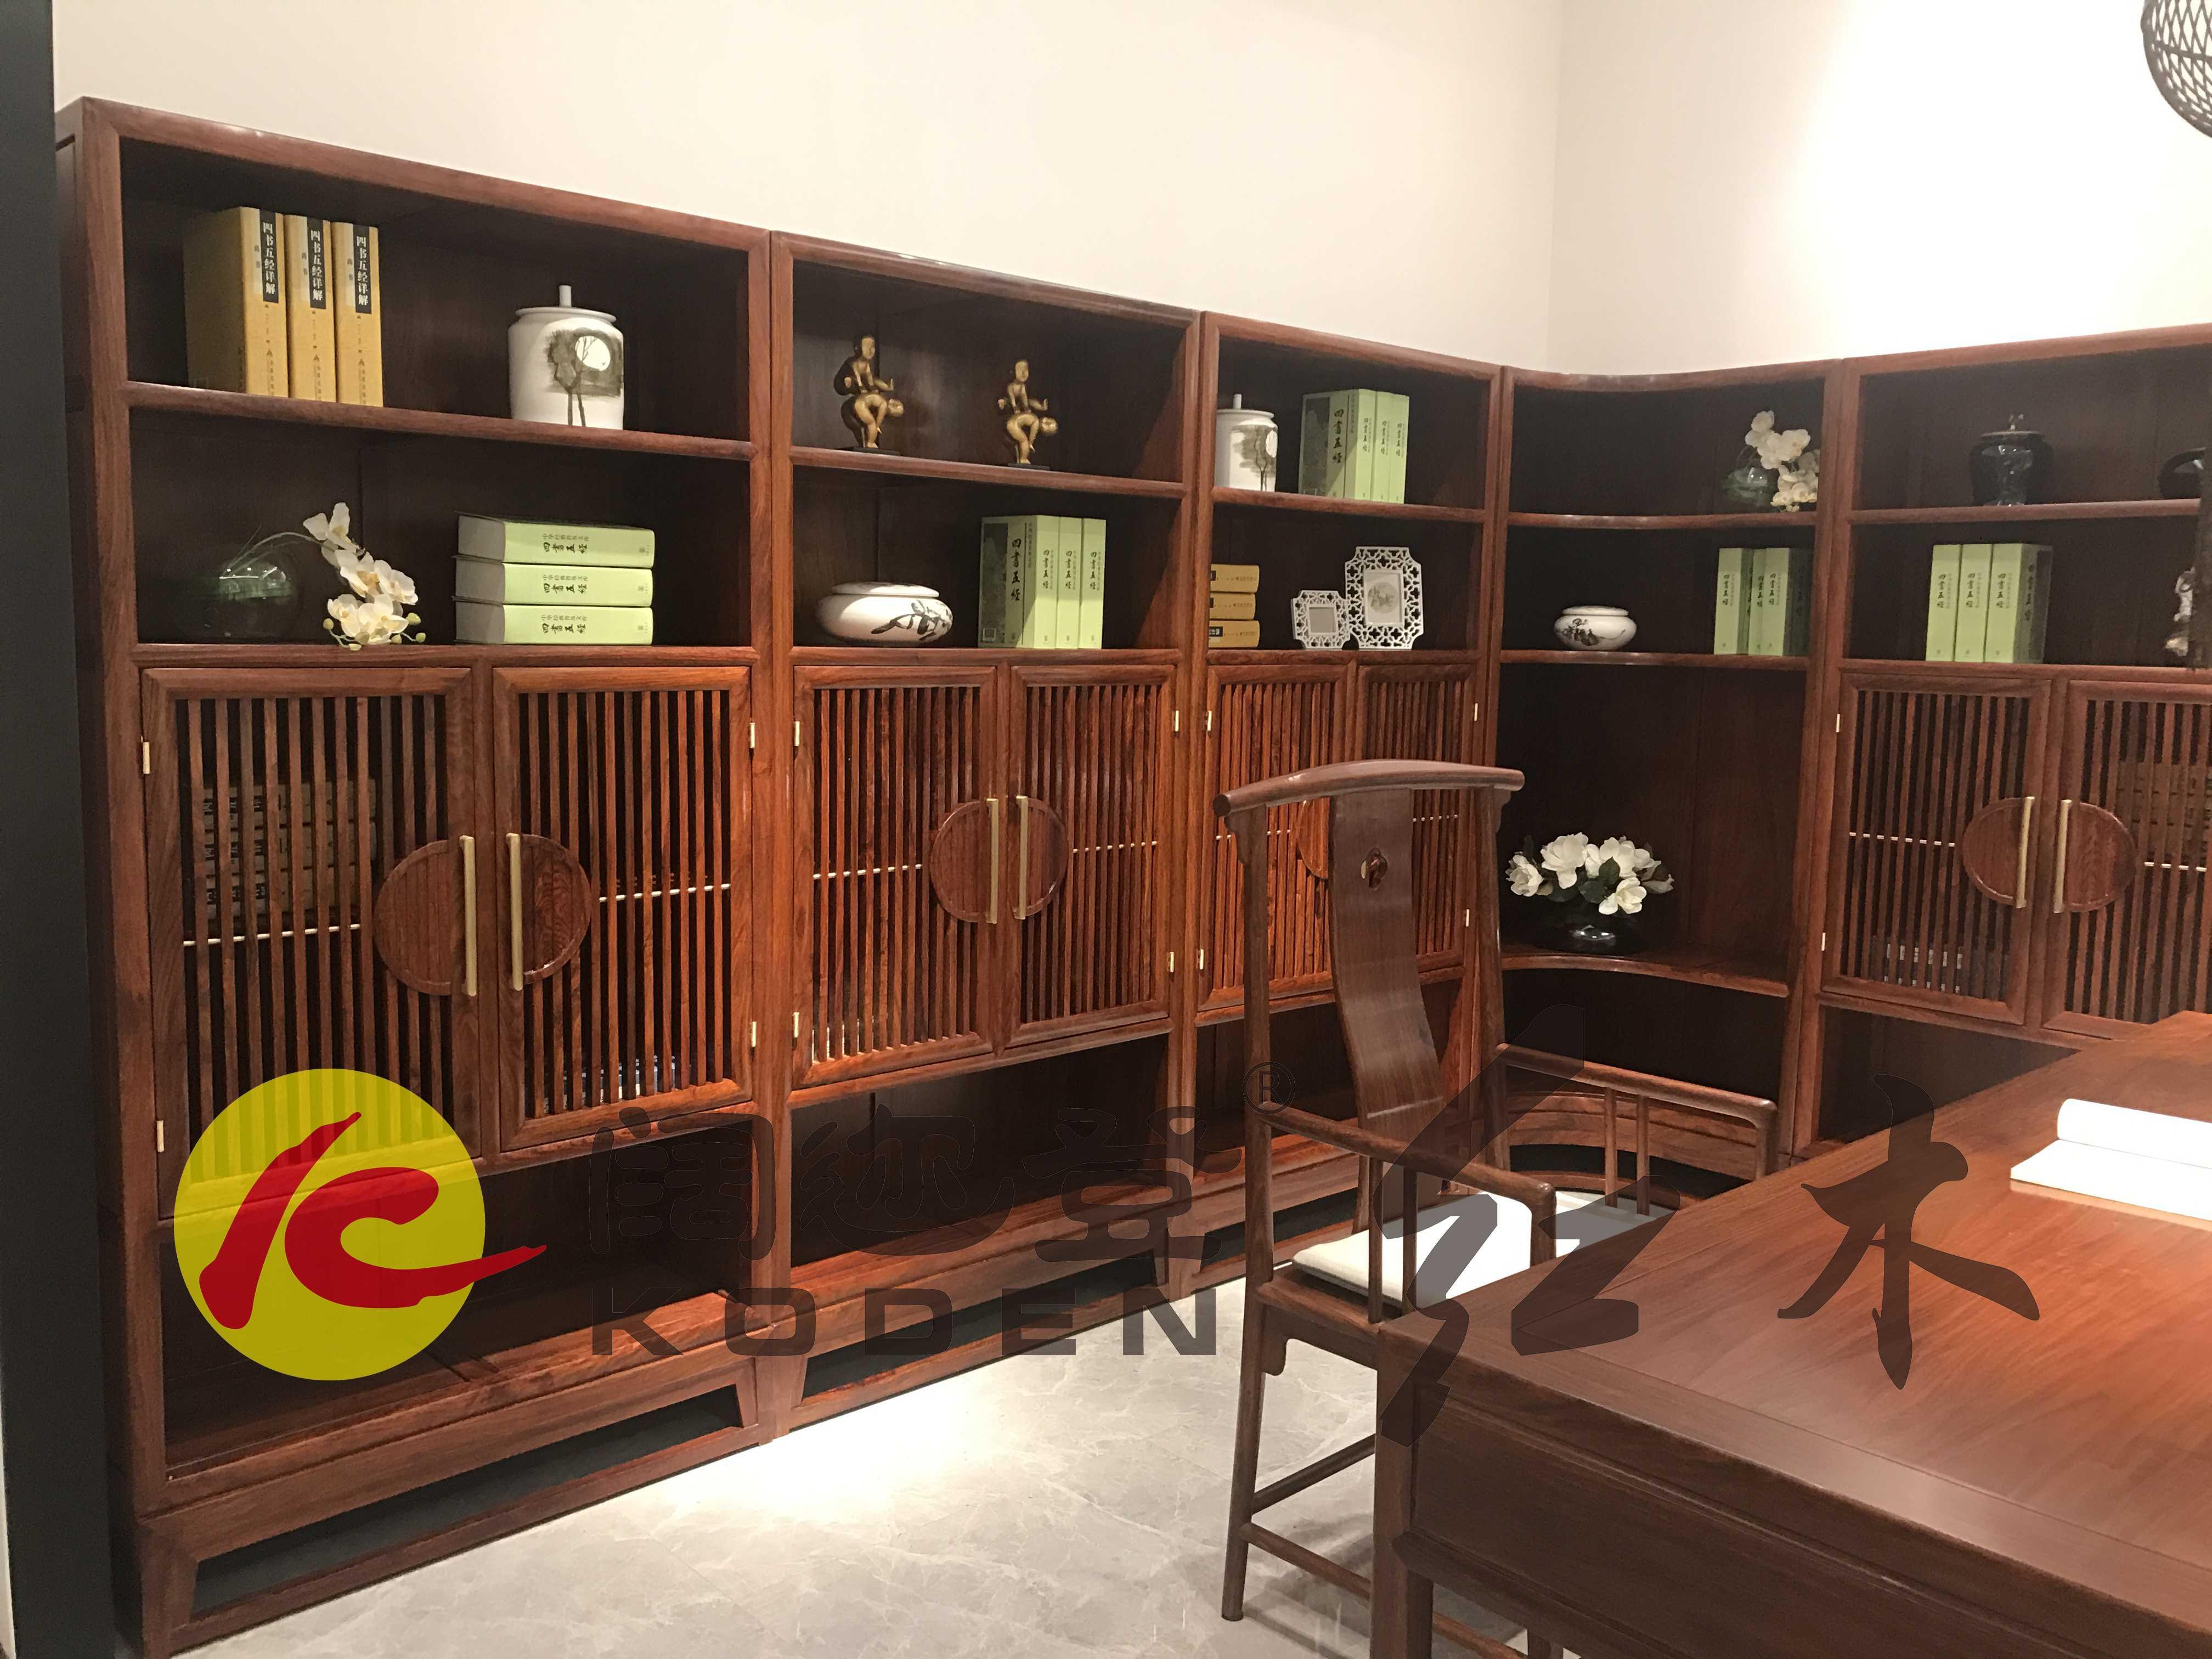 1-225-CW-XZSXLZJSG1新中式系列转角书柜1拷贝